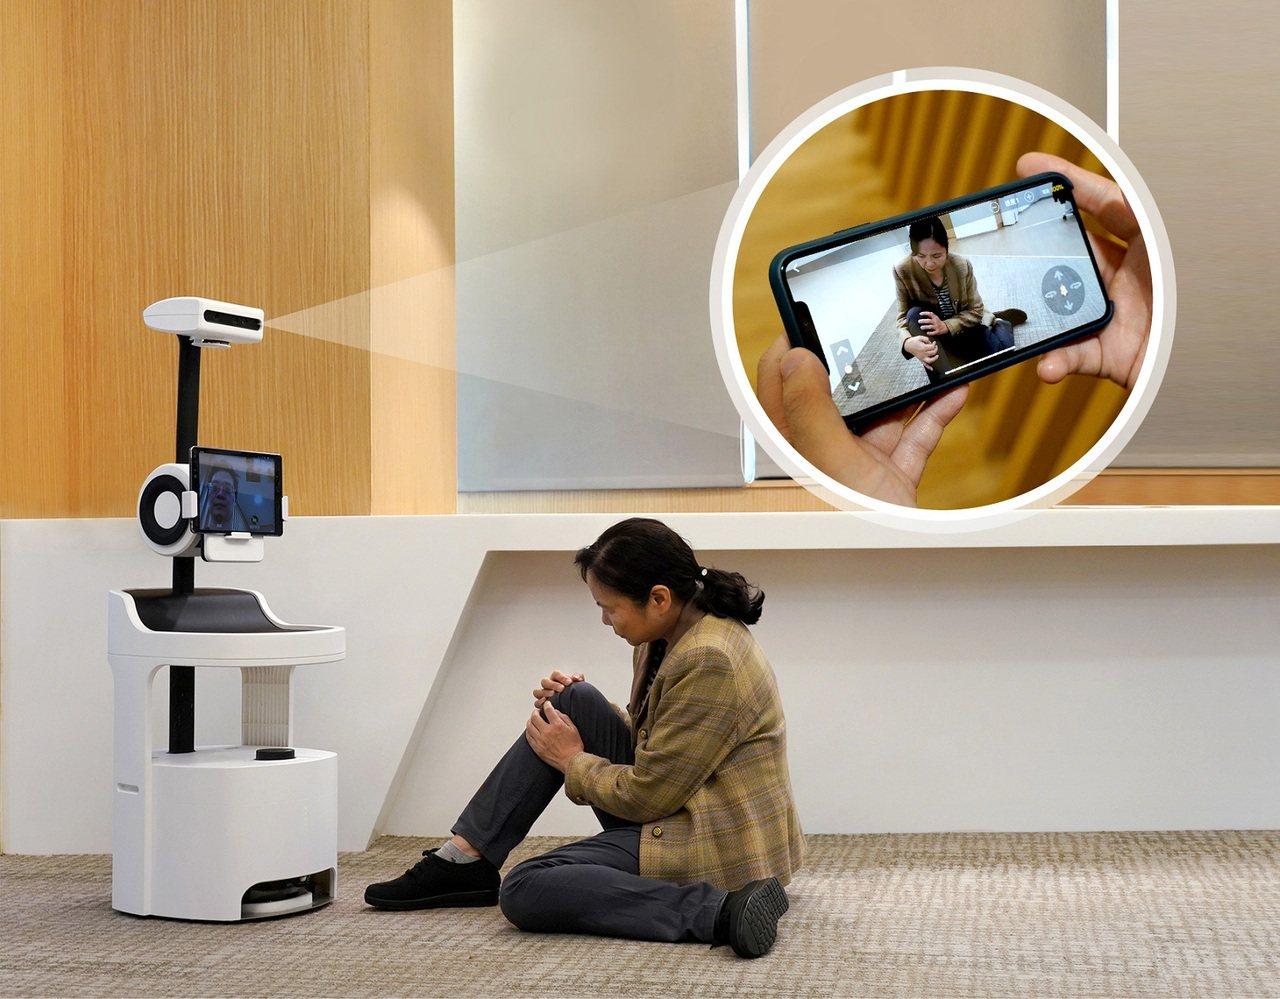 工研院開發的「PECOLA樂齡陪伴機器人」,獲得CES 2020智慧家庭創新獎。...